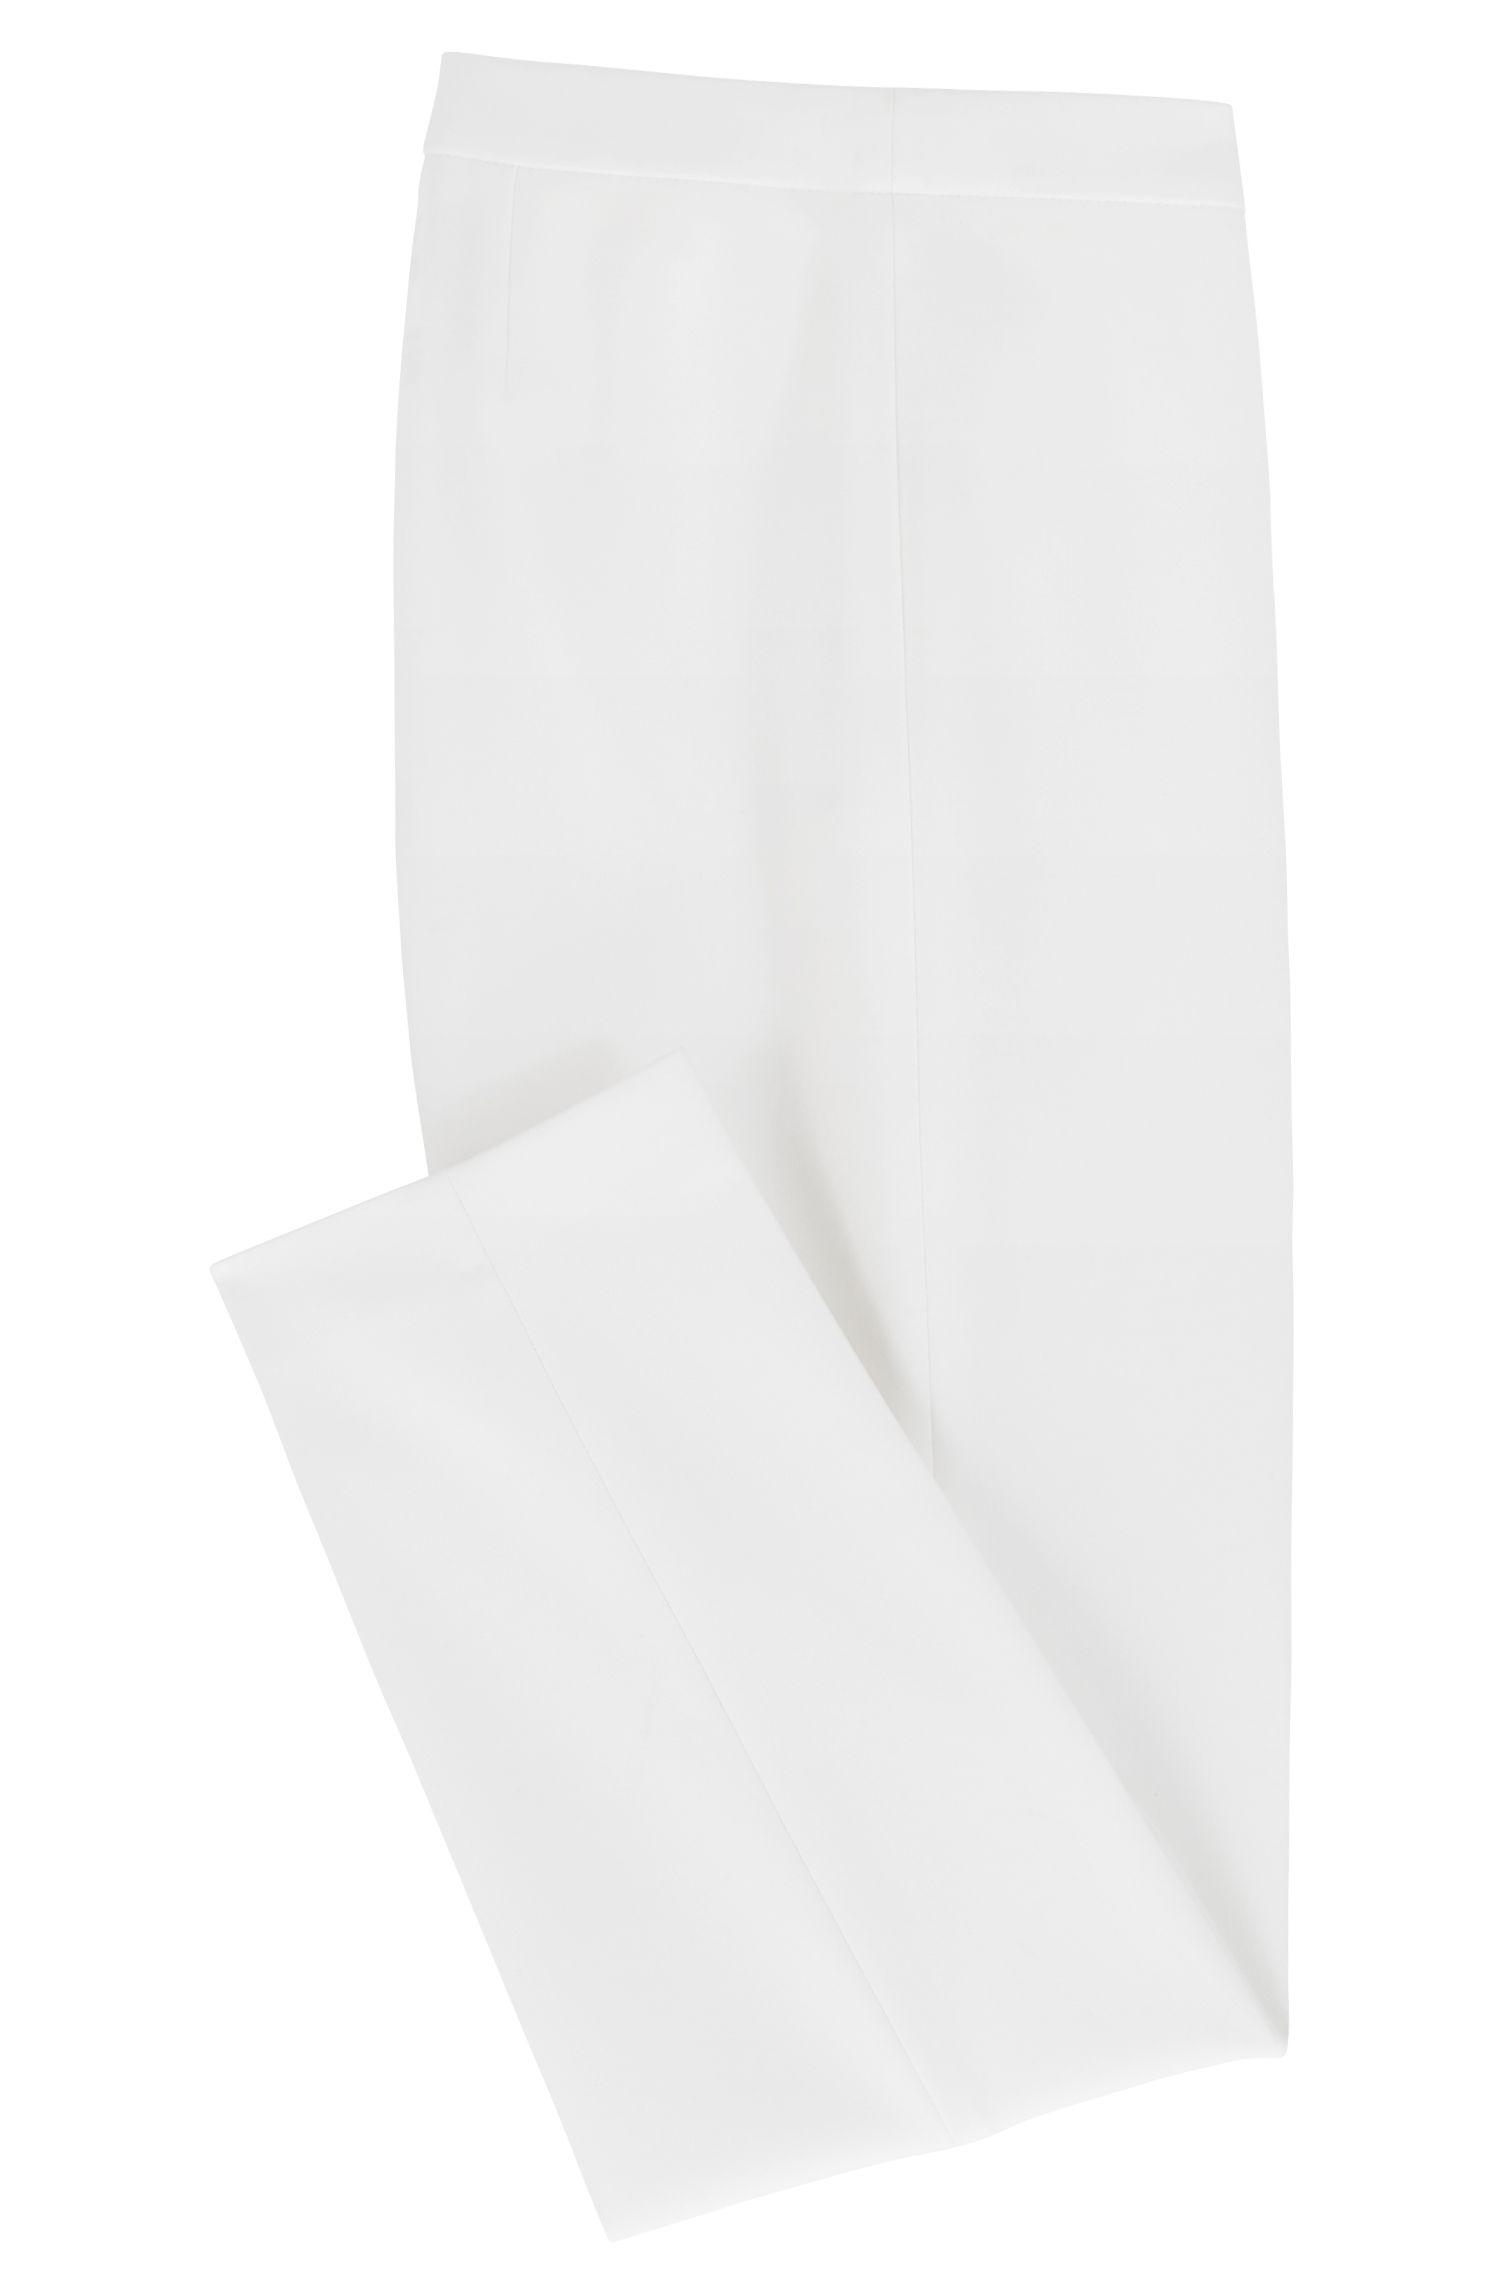 Stretch Crepe Dress Pant | Tiluna Side Zip